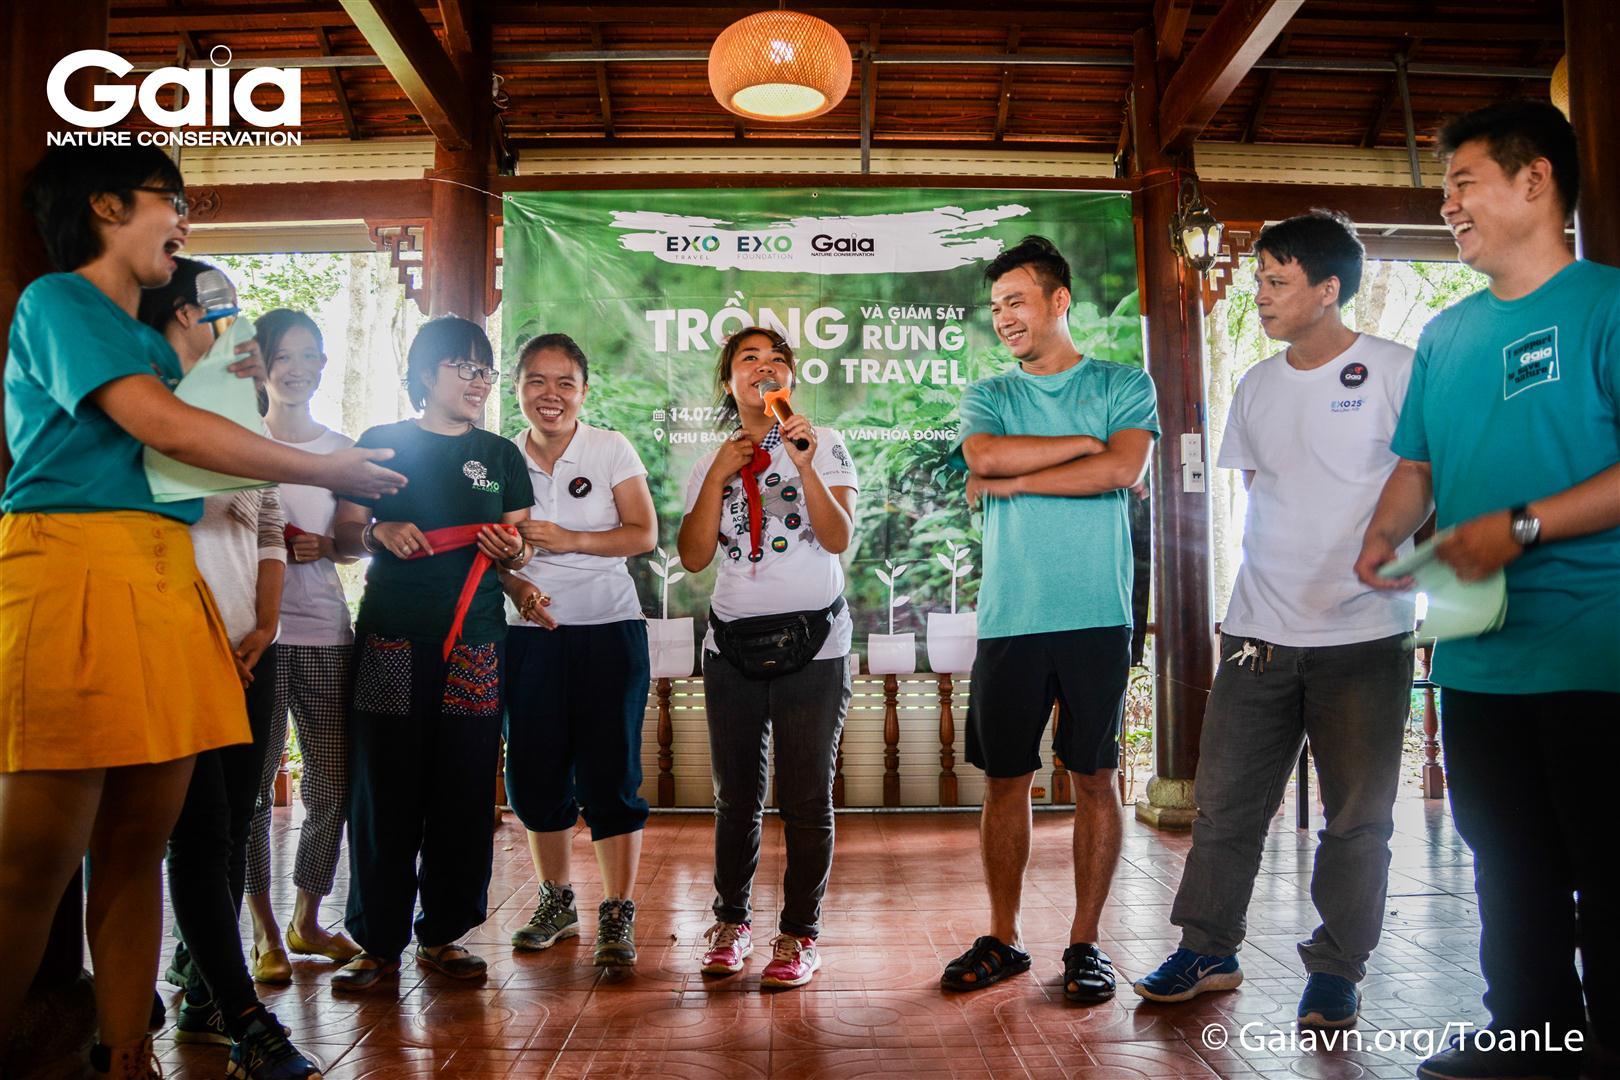 Trò chơi xây dựng tinh thần nhóm, lấy cảm hứng từ rừng và lối sống xanh thân thiện với môi trường